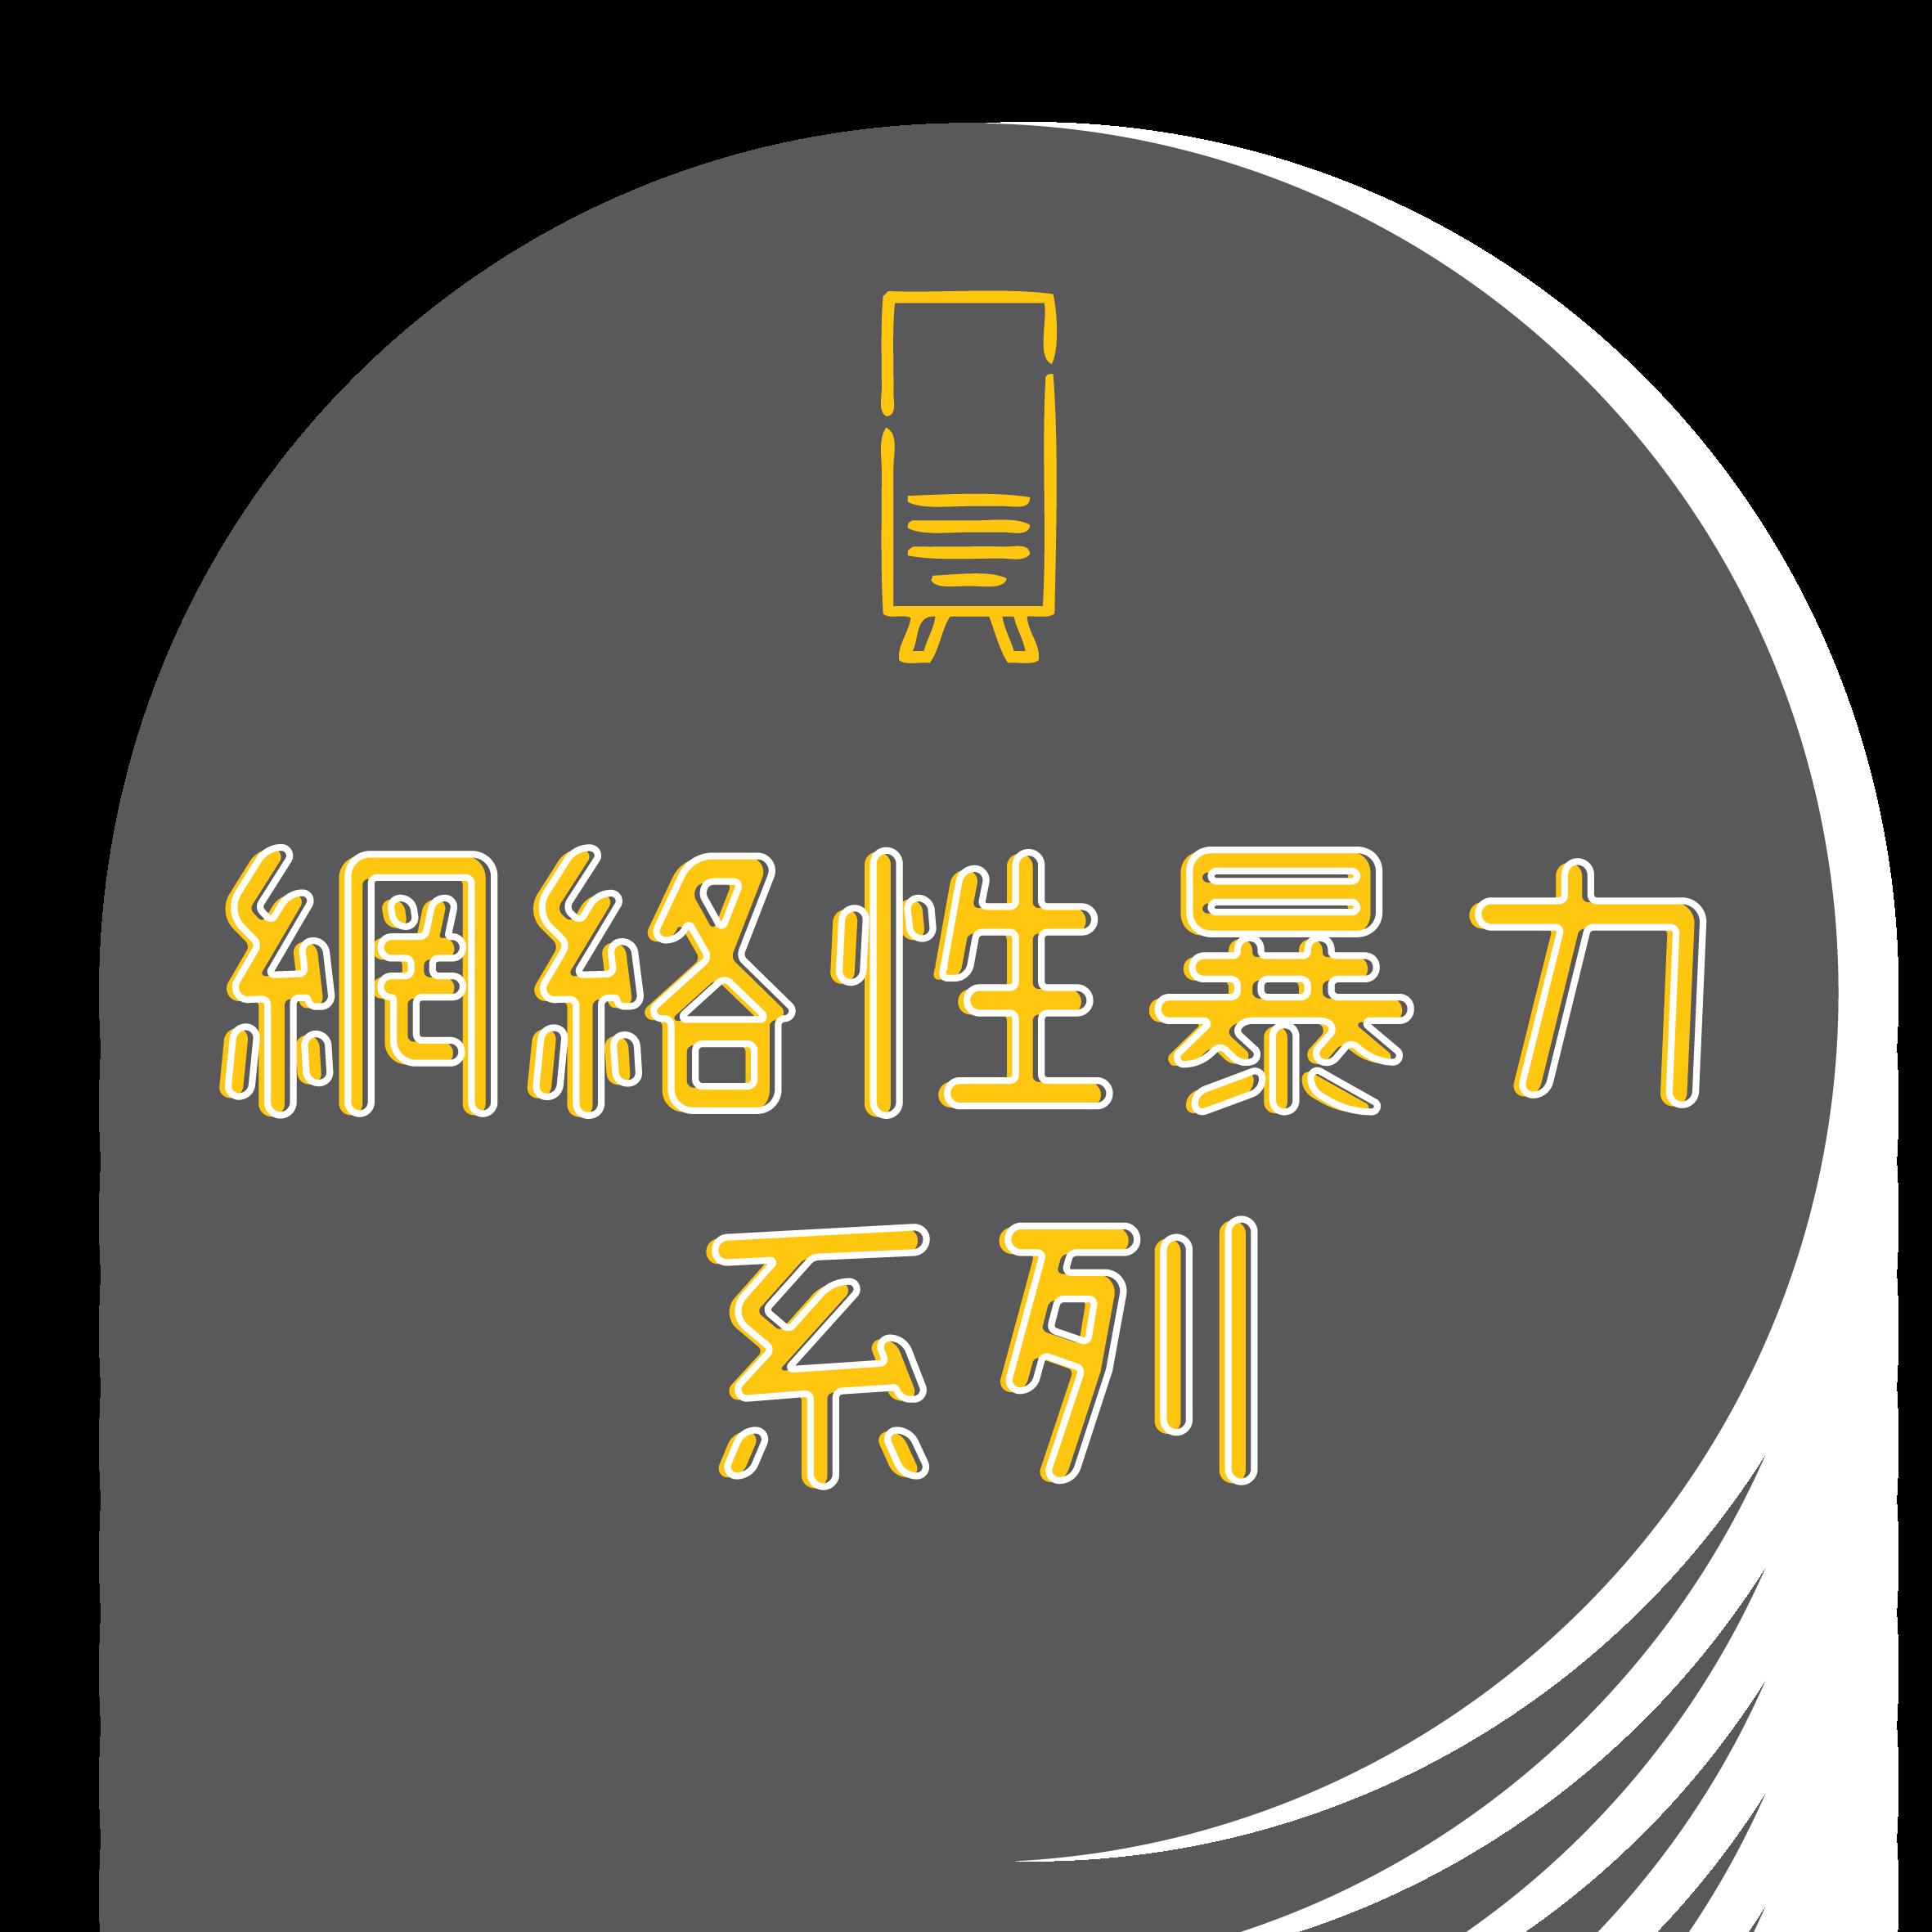 #網絡 #性暴力